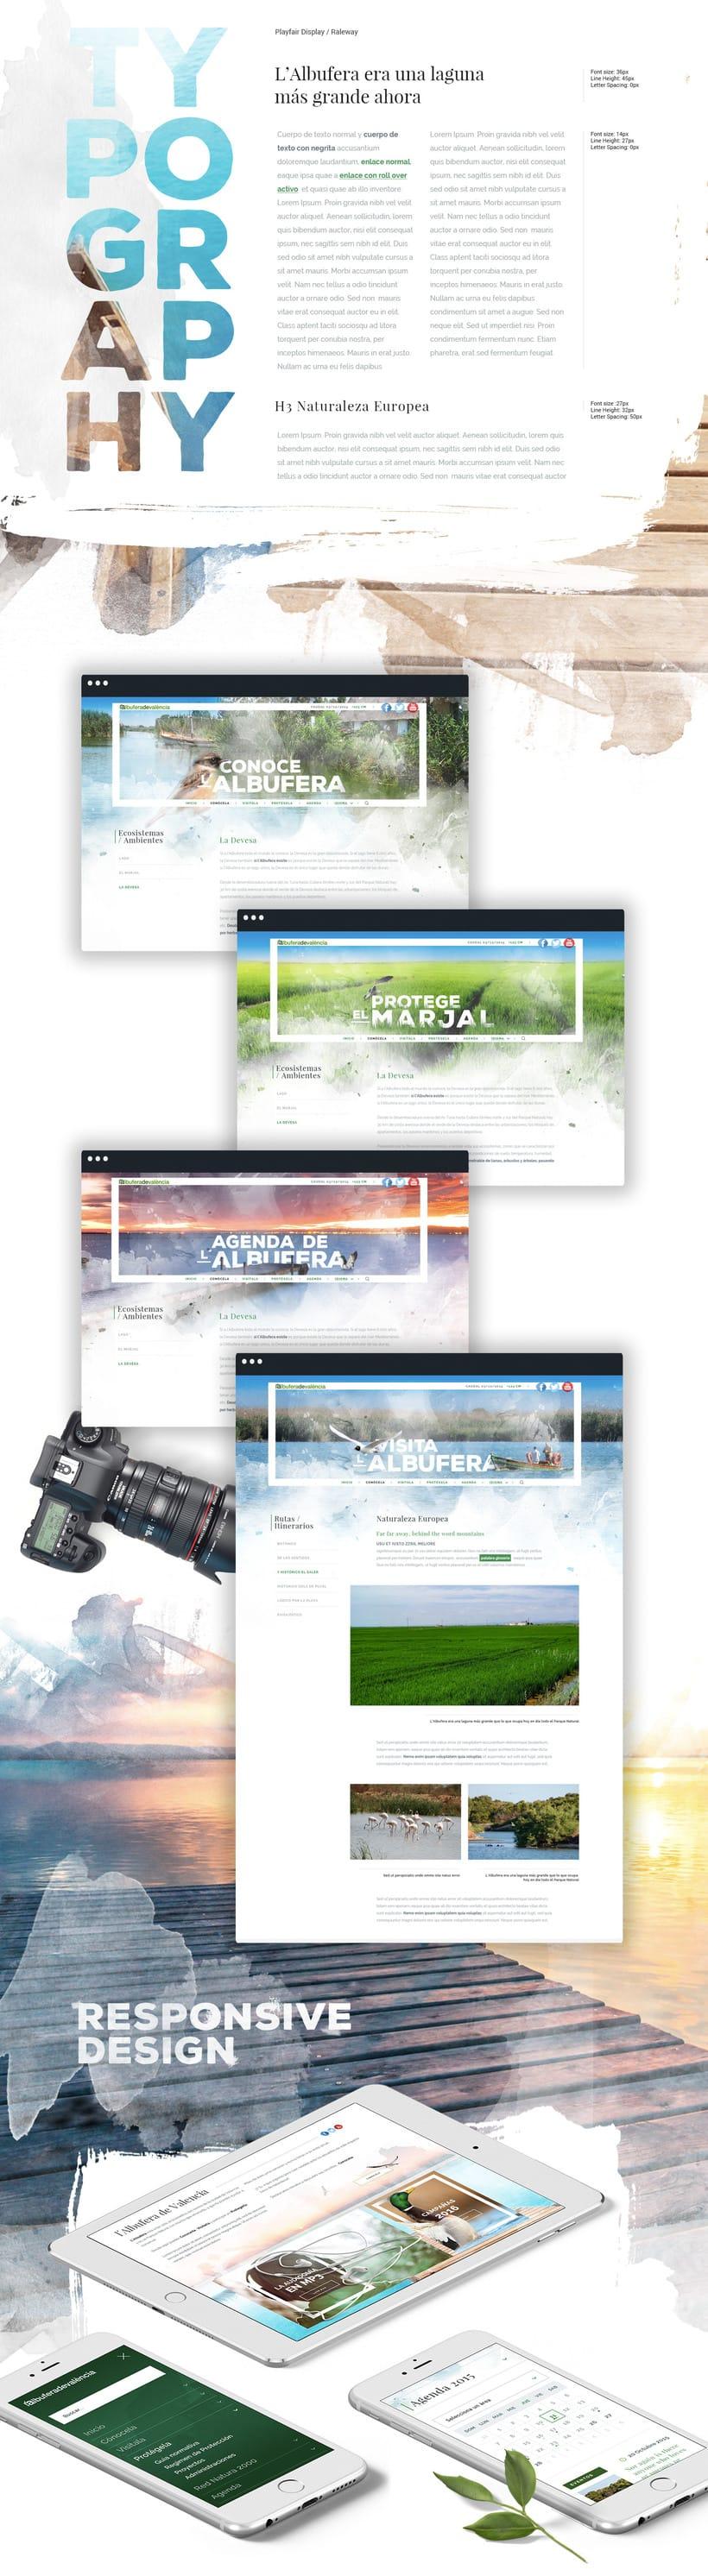 Diseño website - Parque Natural Devesa / Albufera - Ayuntamiento de Valencia 1